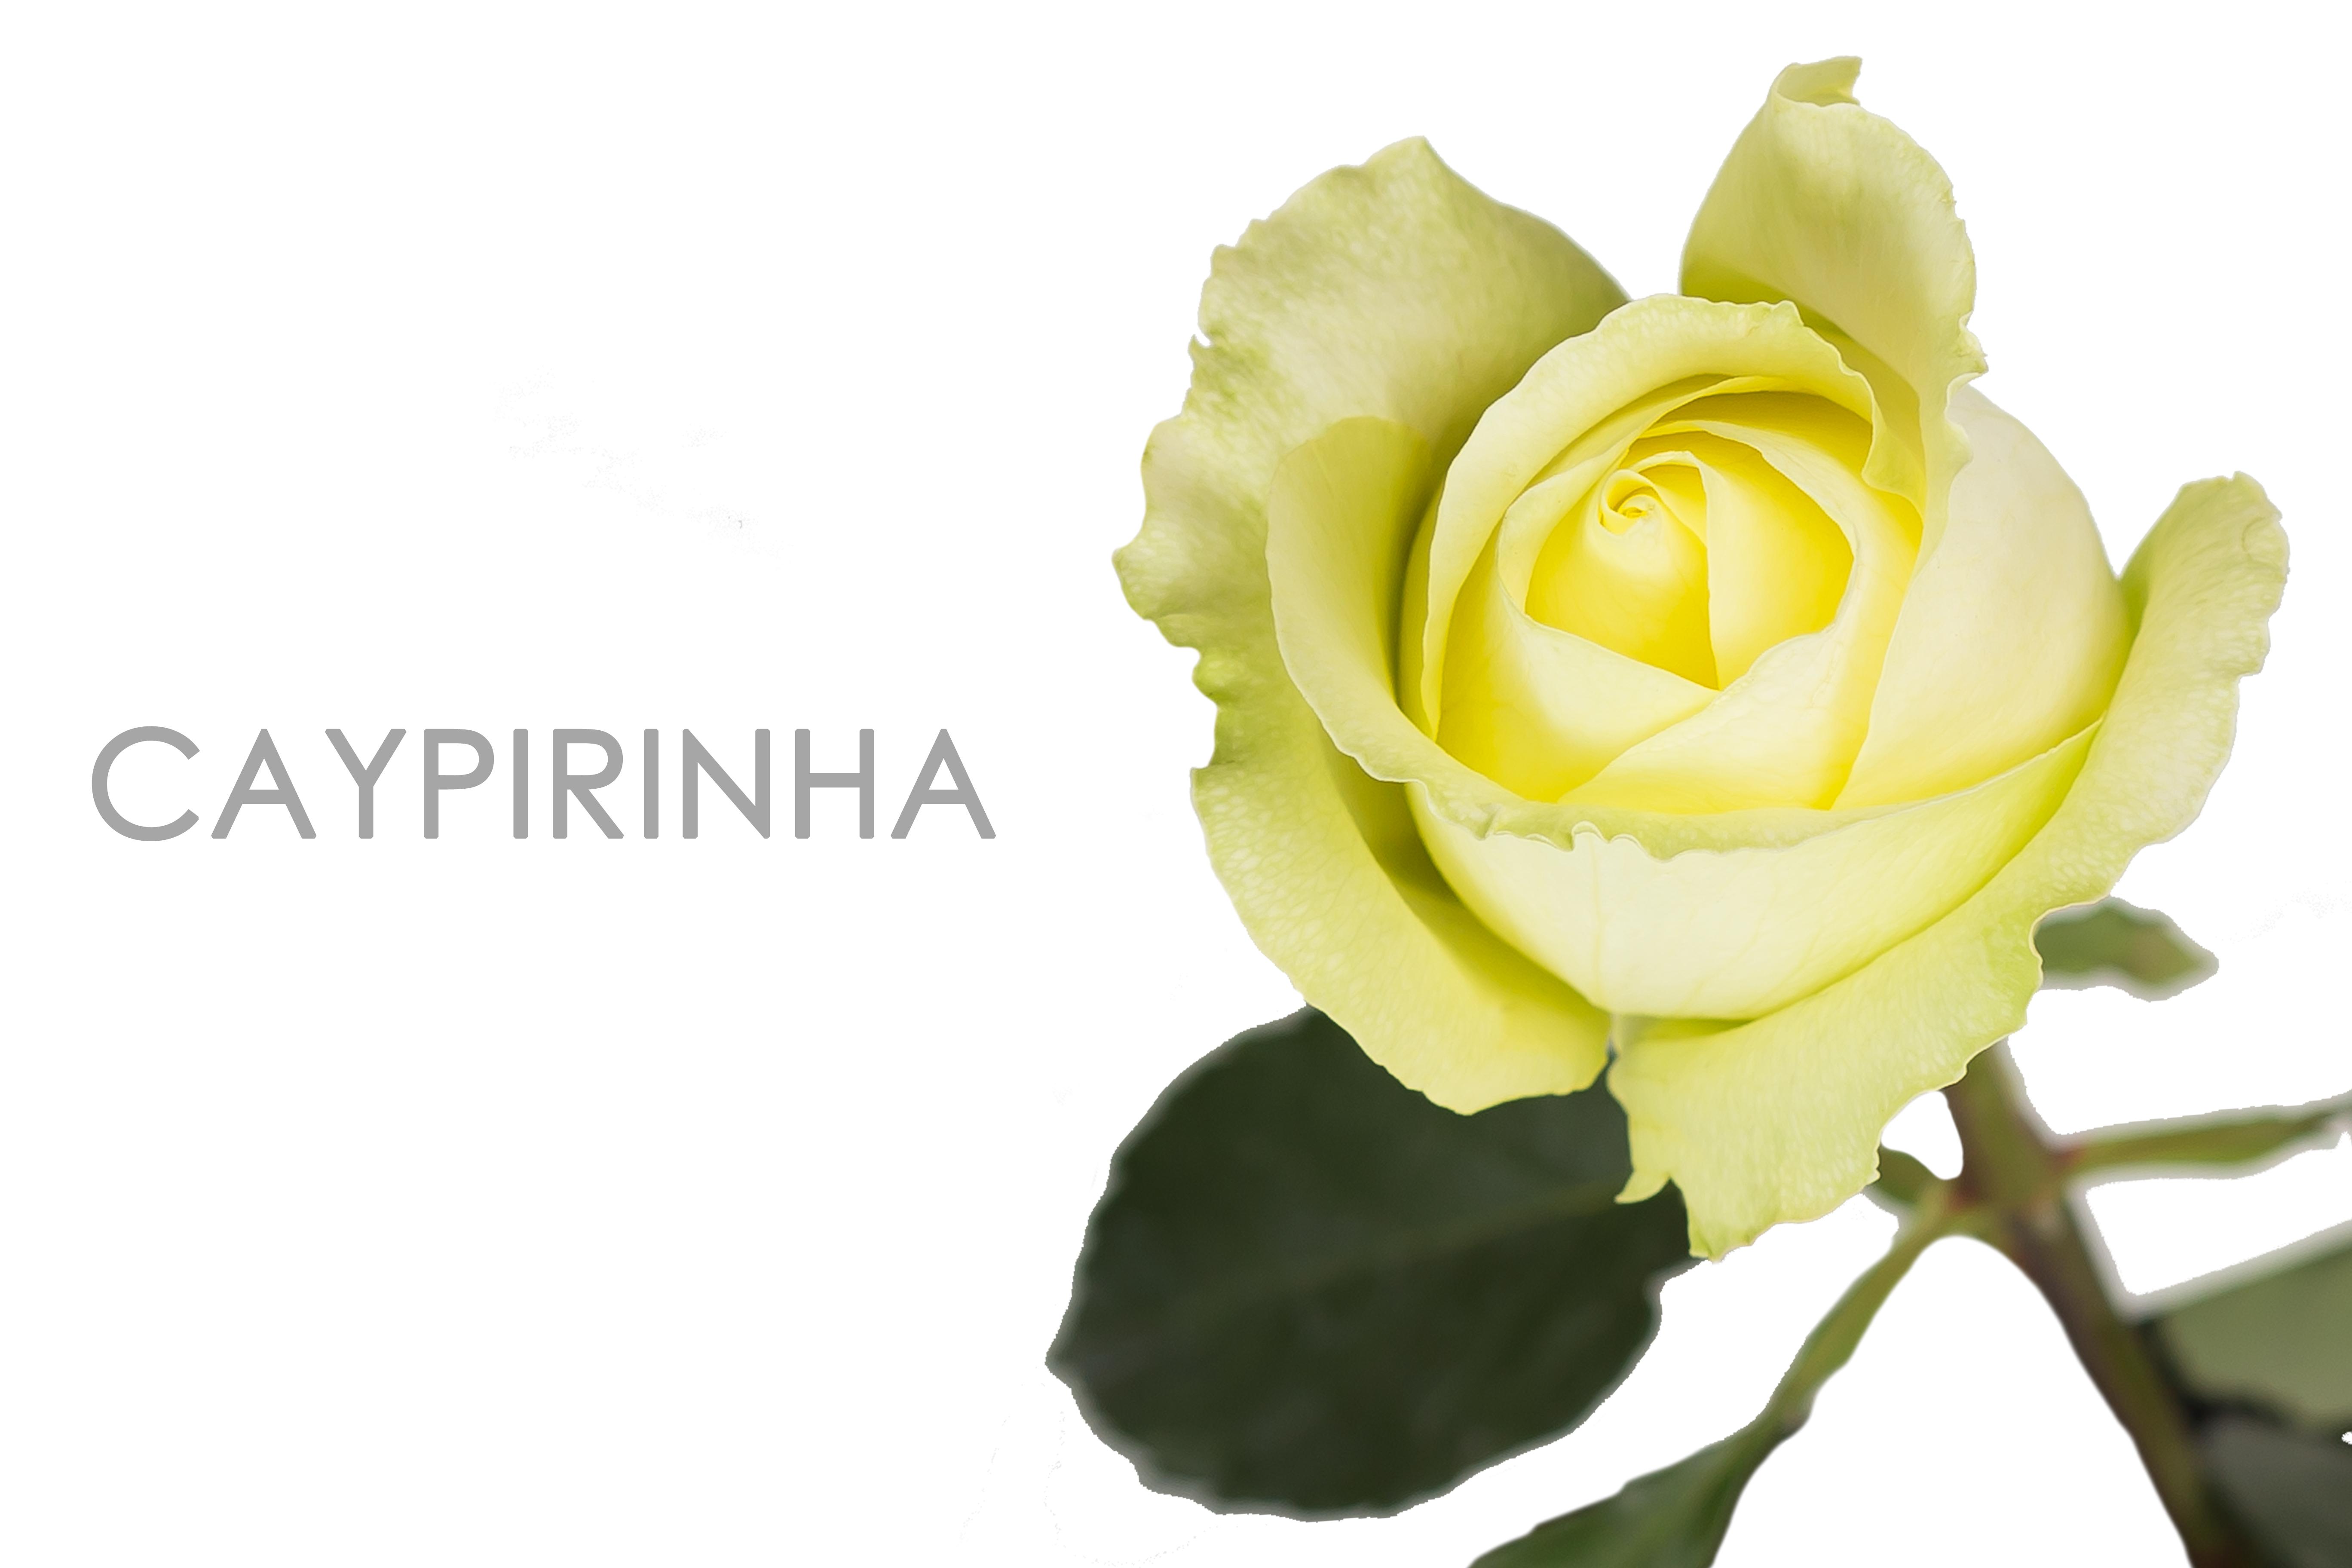 CAYPIRINHA-CAPTION-UNIDAD